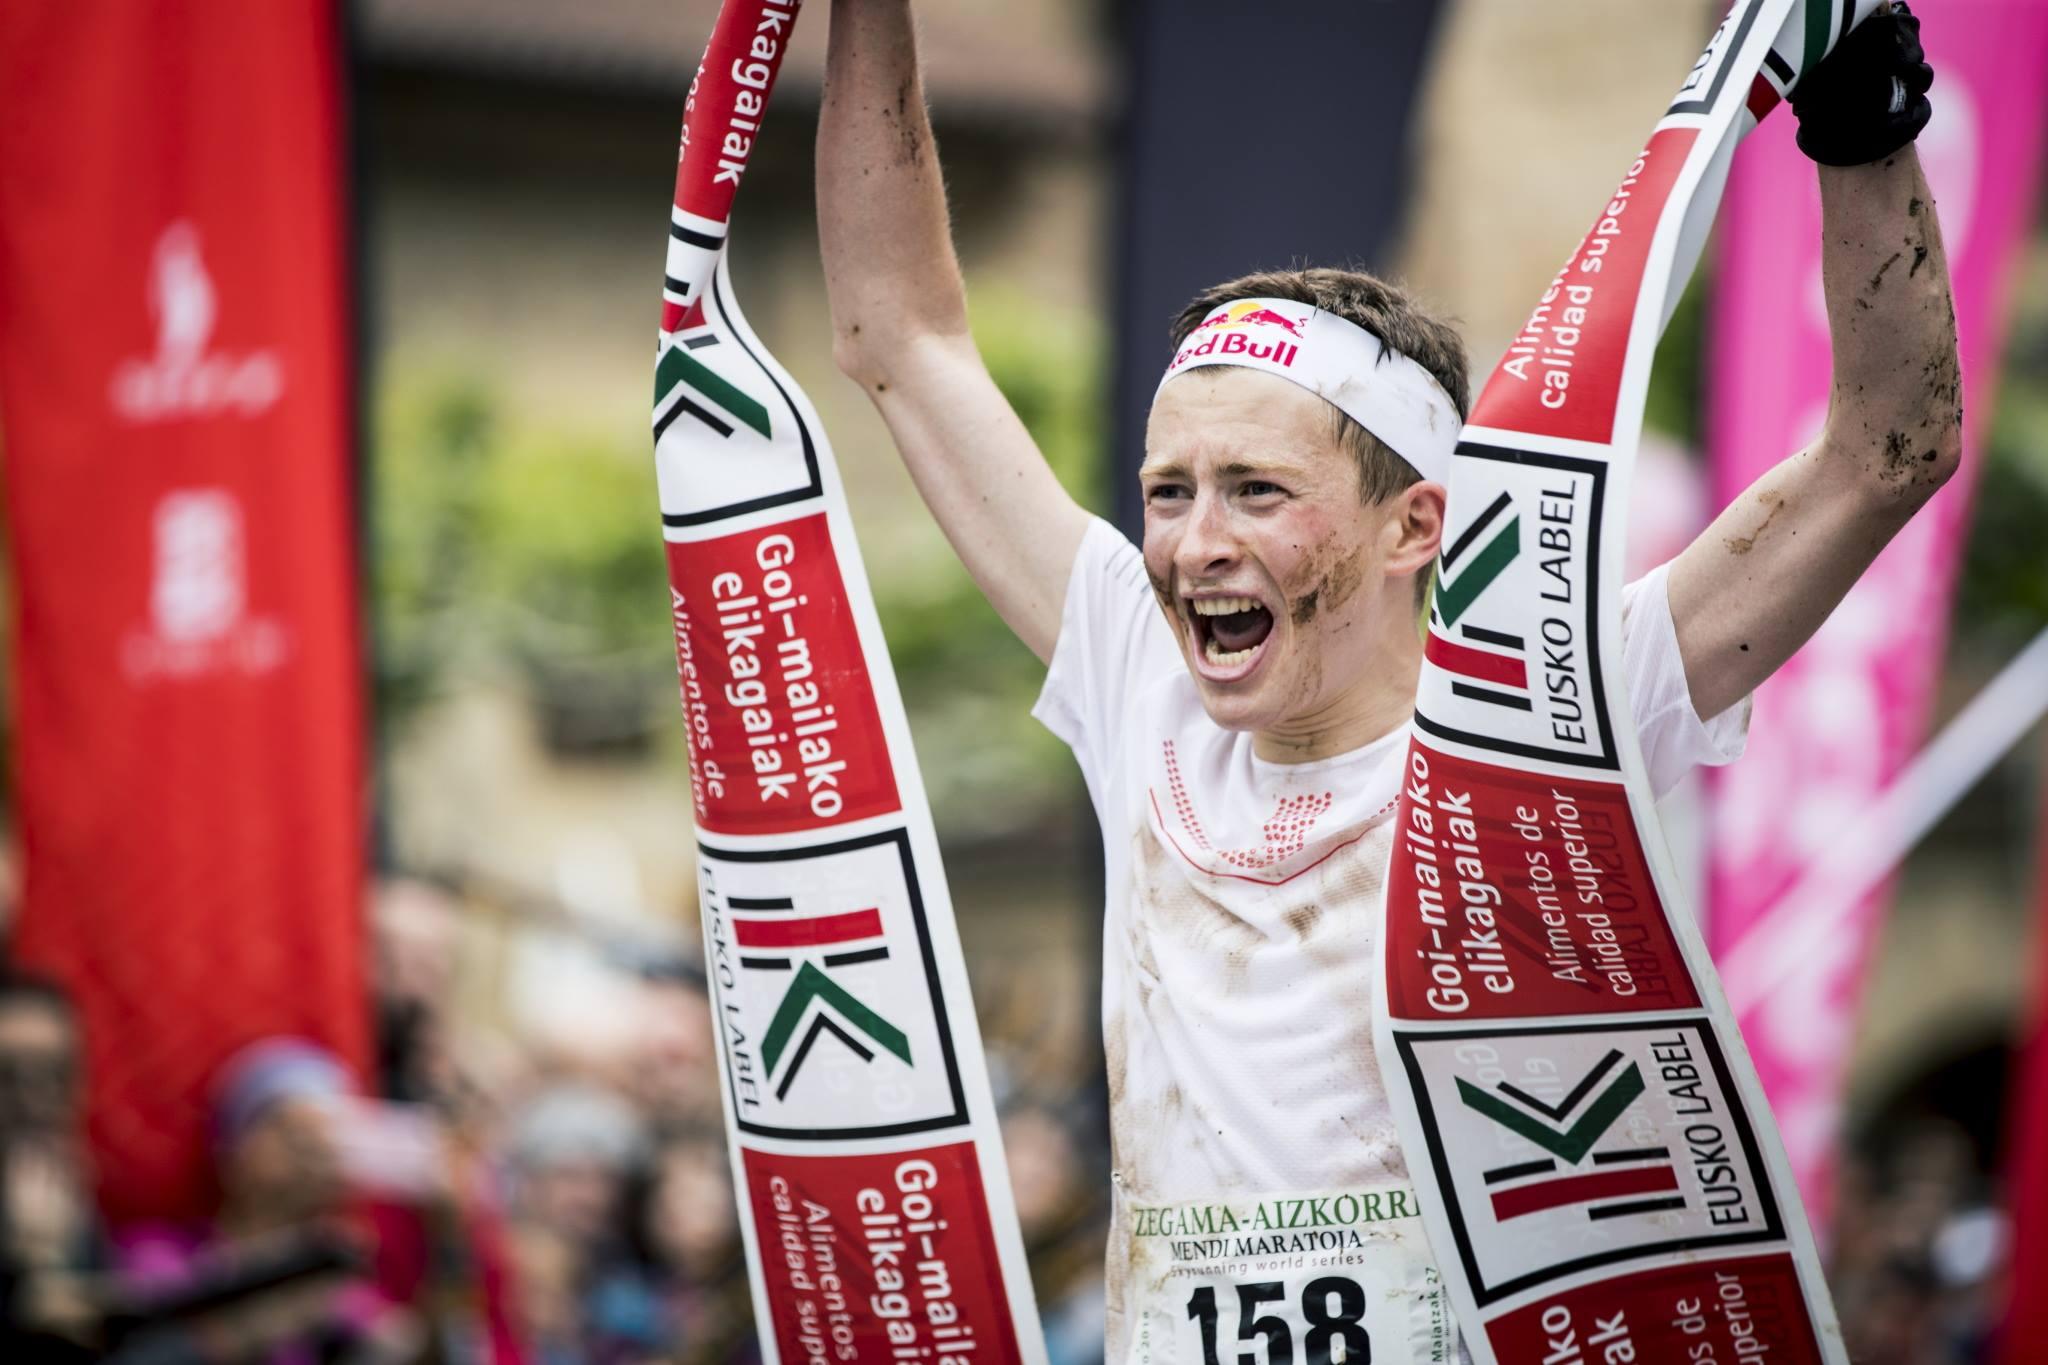 優勝したスイスのレミ・ボネ。上田より2歳年下の23歳だ ©コロンビアスポーツウェアジャパン / Sho Fujimaki